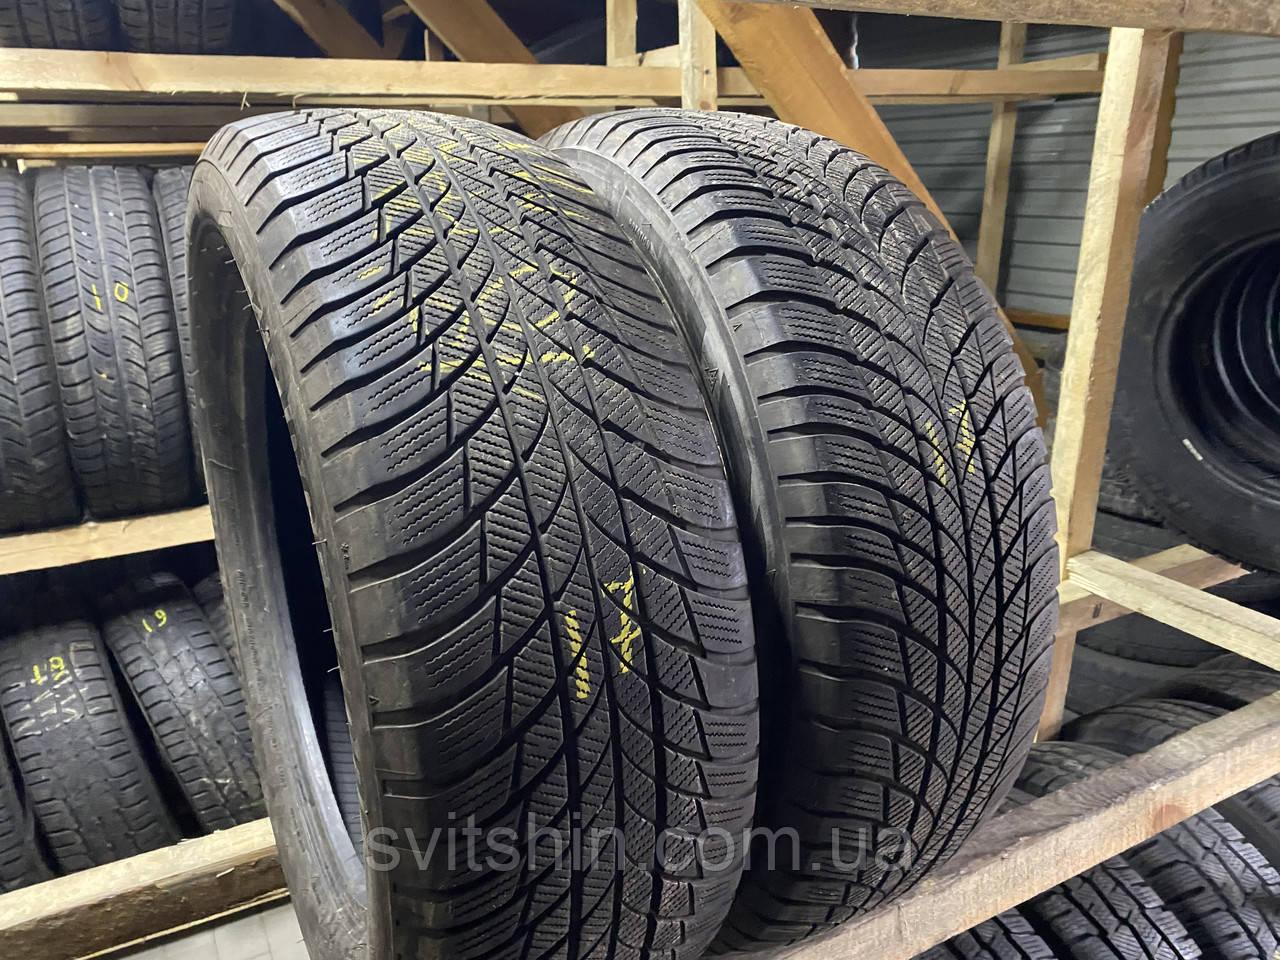 Шини бу зима 225/60R18 Bridgestone Blizzak LM-001 6.5мм 17 рік